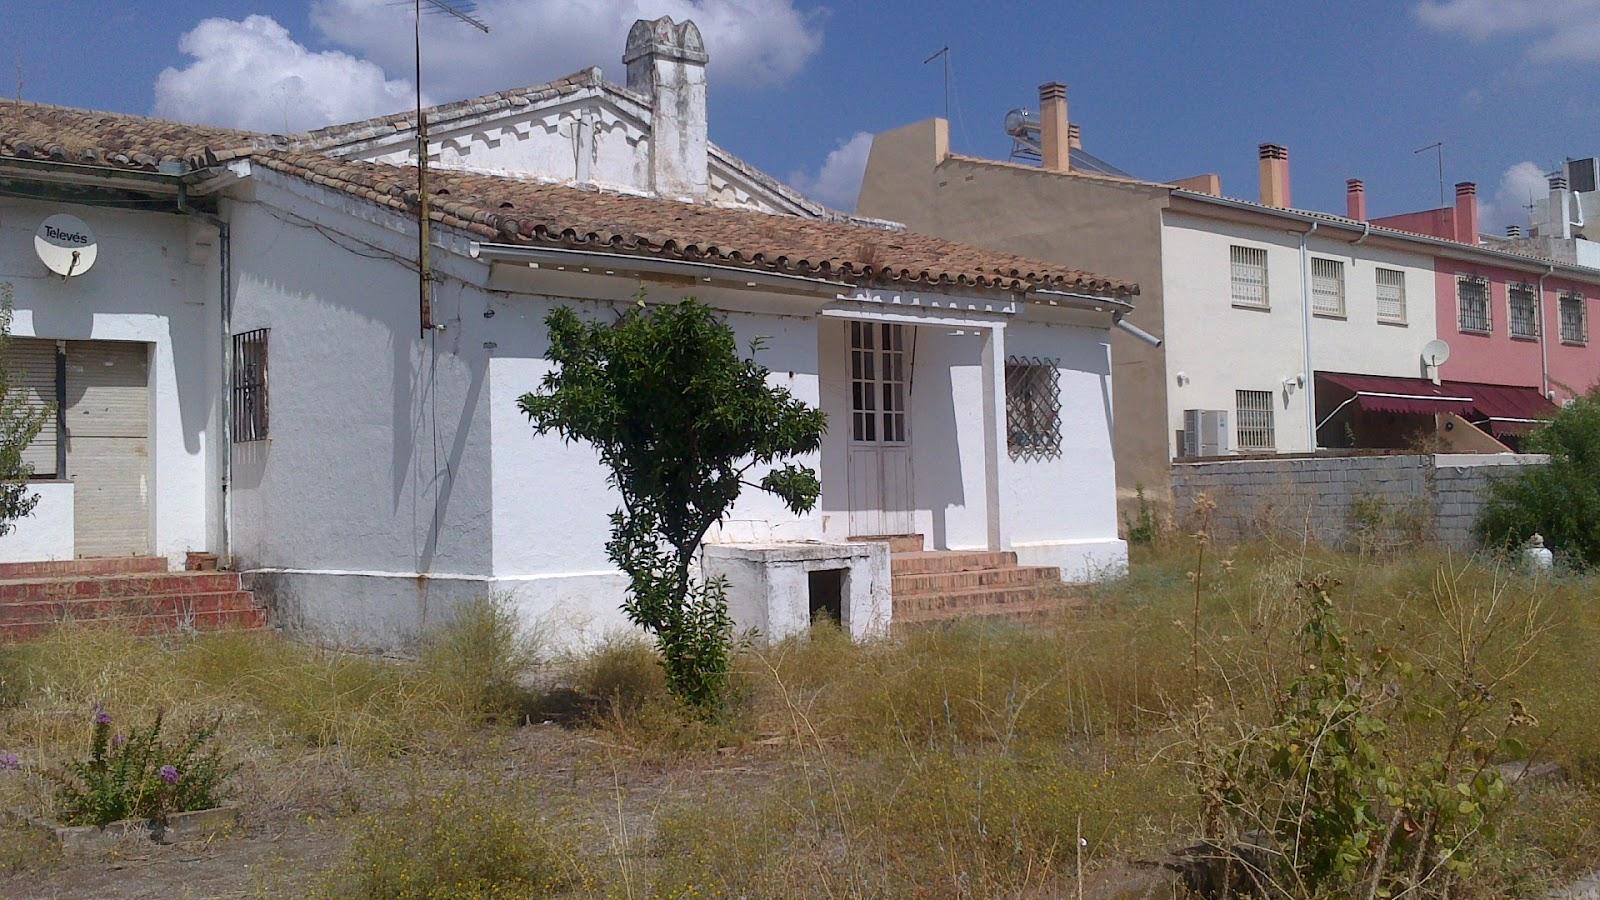 ocupar-una-casa-abandonada-en-argentina